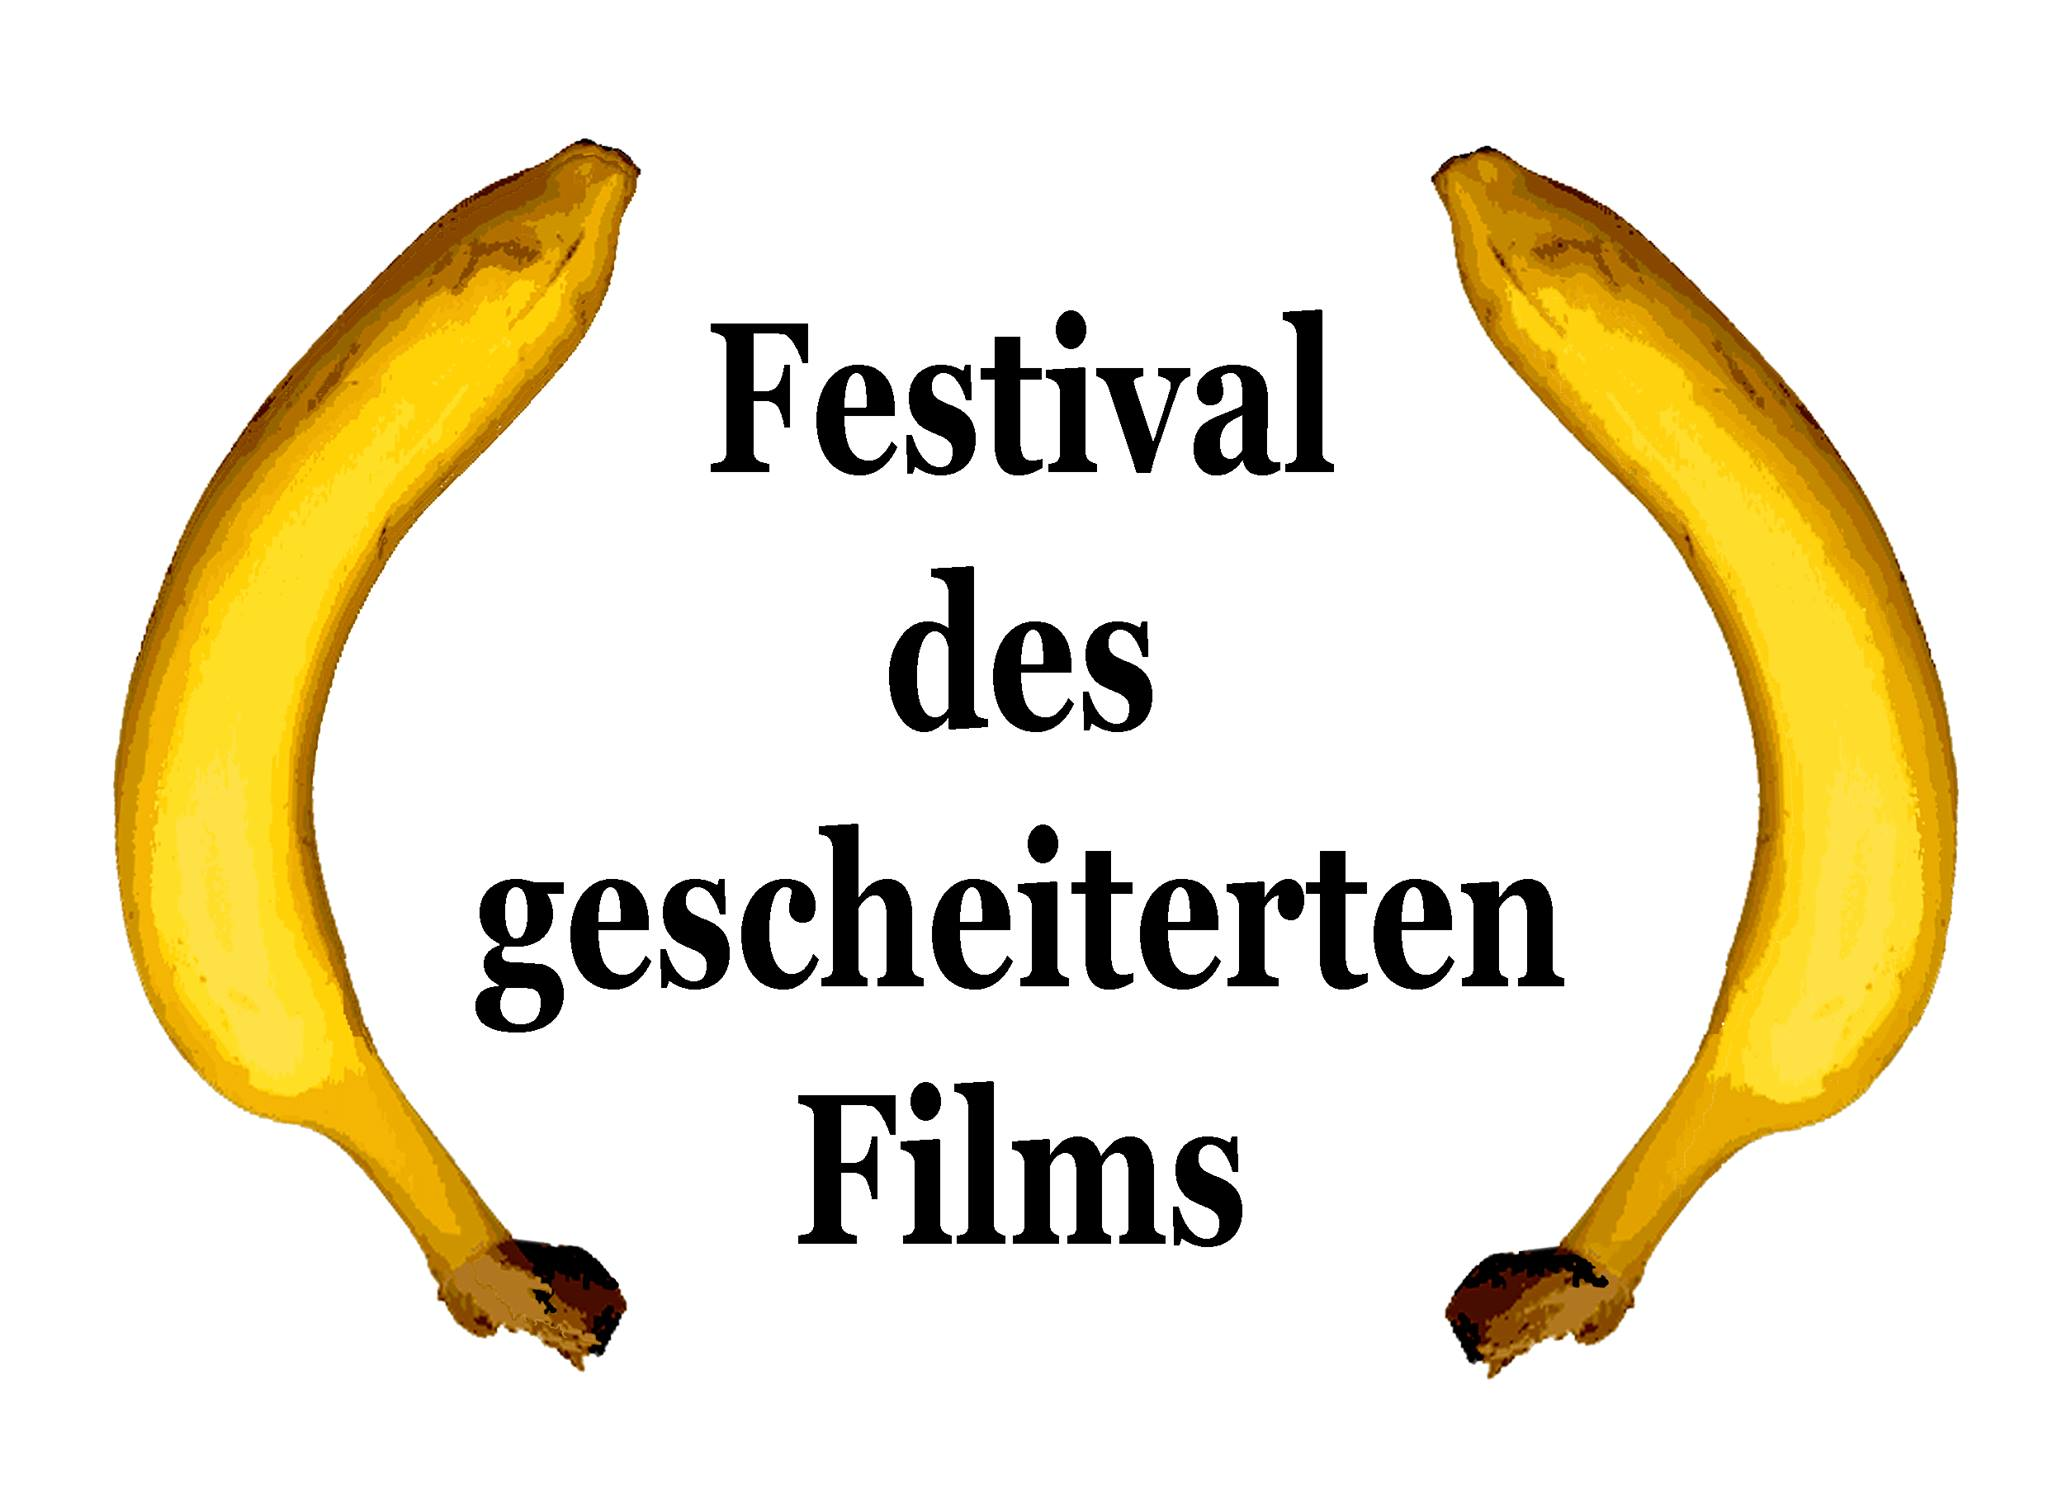 Festival des gescheiterten Films